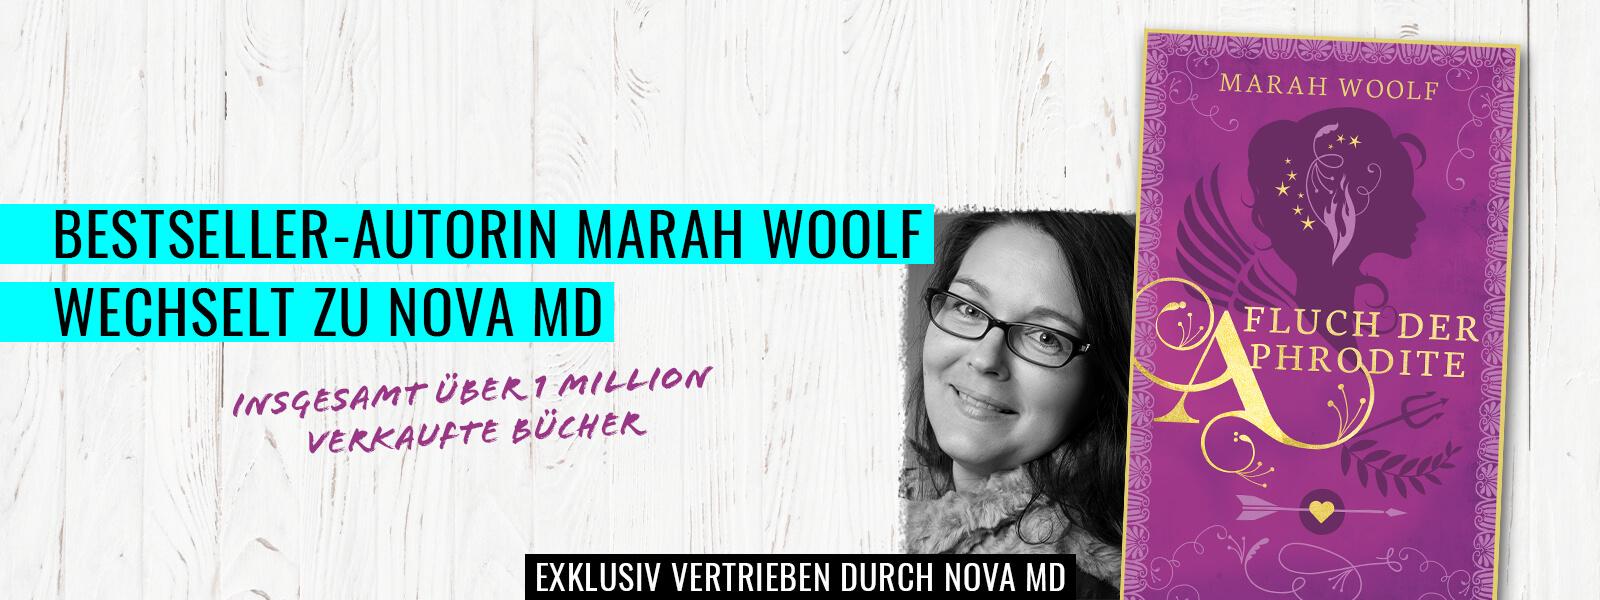 """Bestseller-Autorin Marah Woolf mit """"Fluch der Aphrodite"""""""